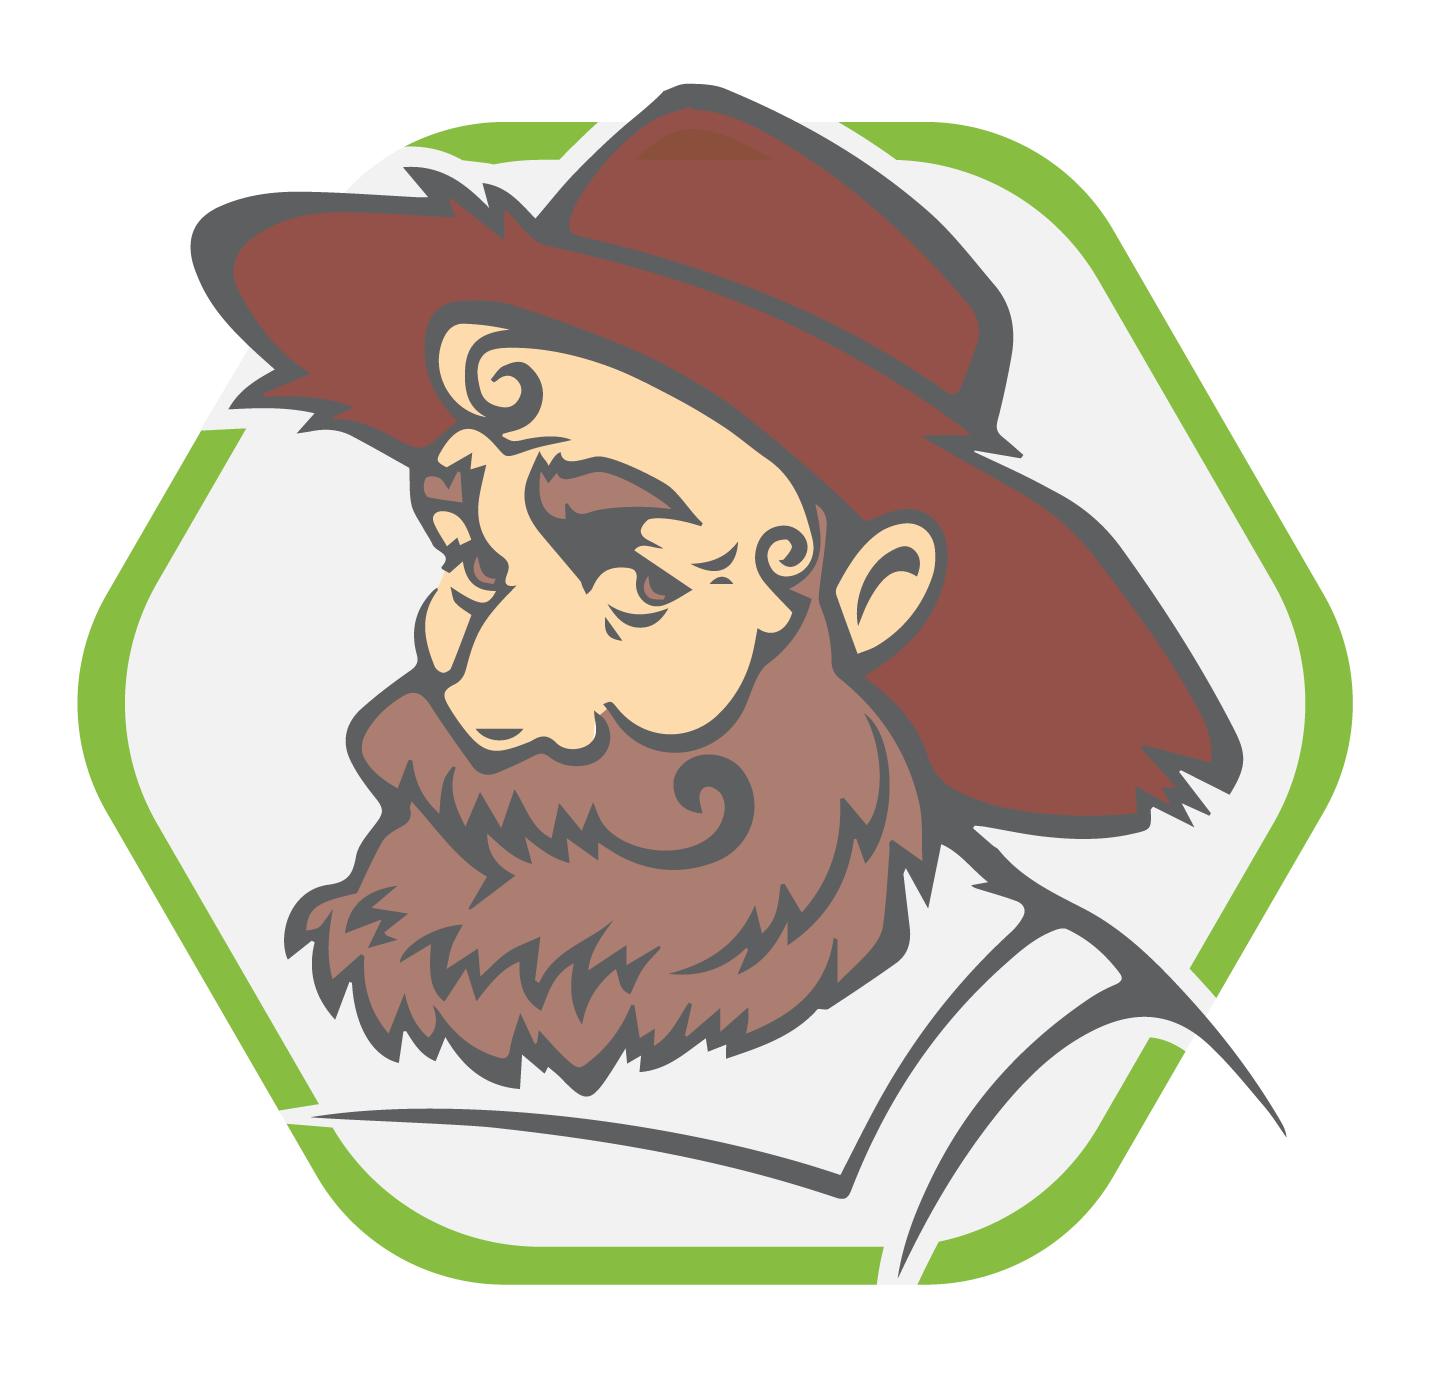 mybostan-logo-V0.2 - Copy1